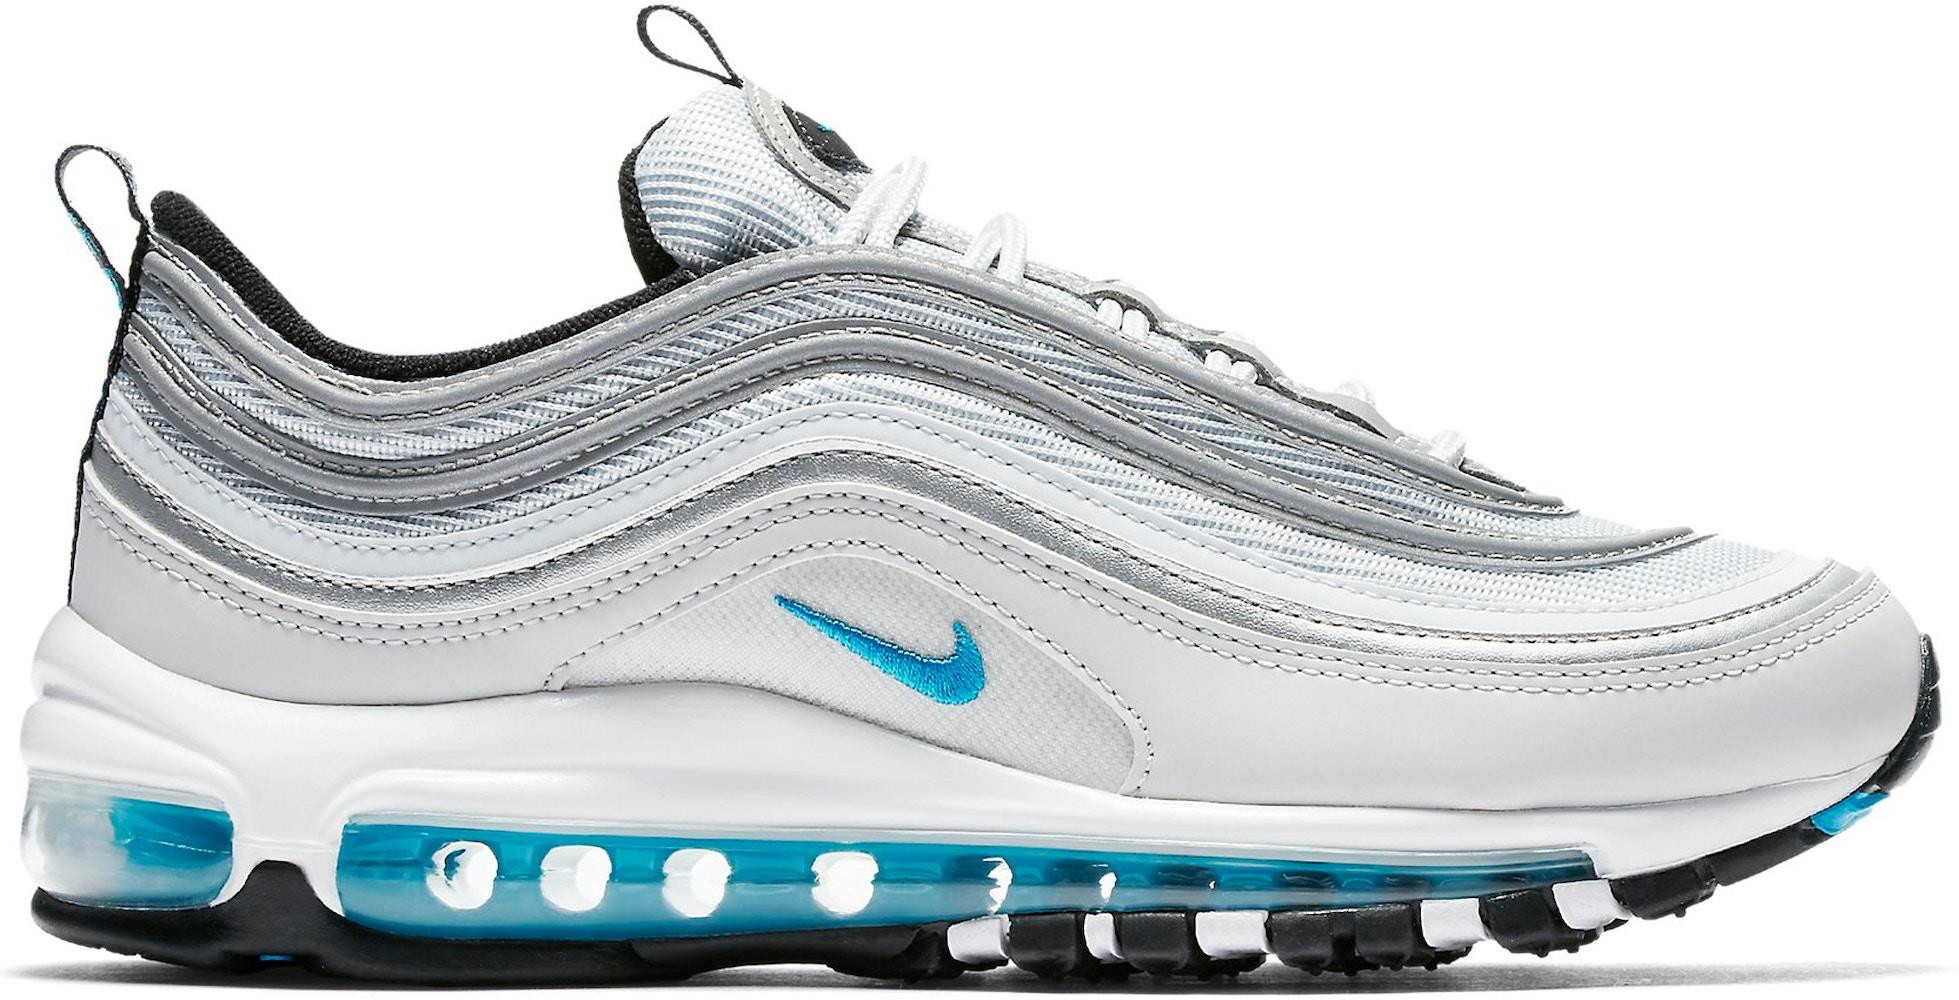 Nike Air Max 97 Marina Blue (W)